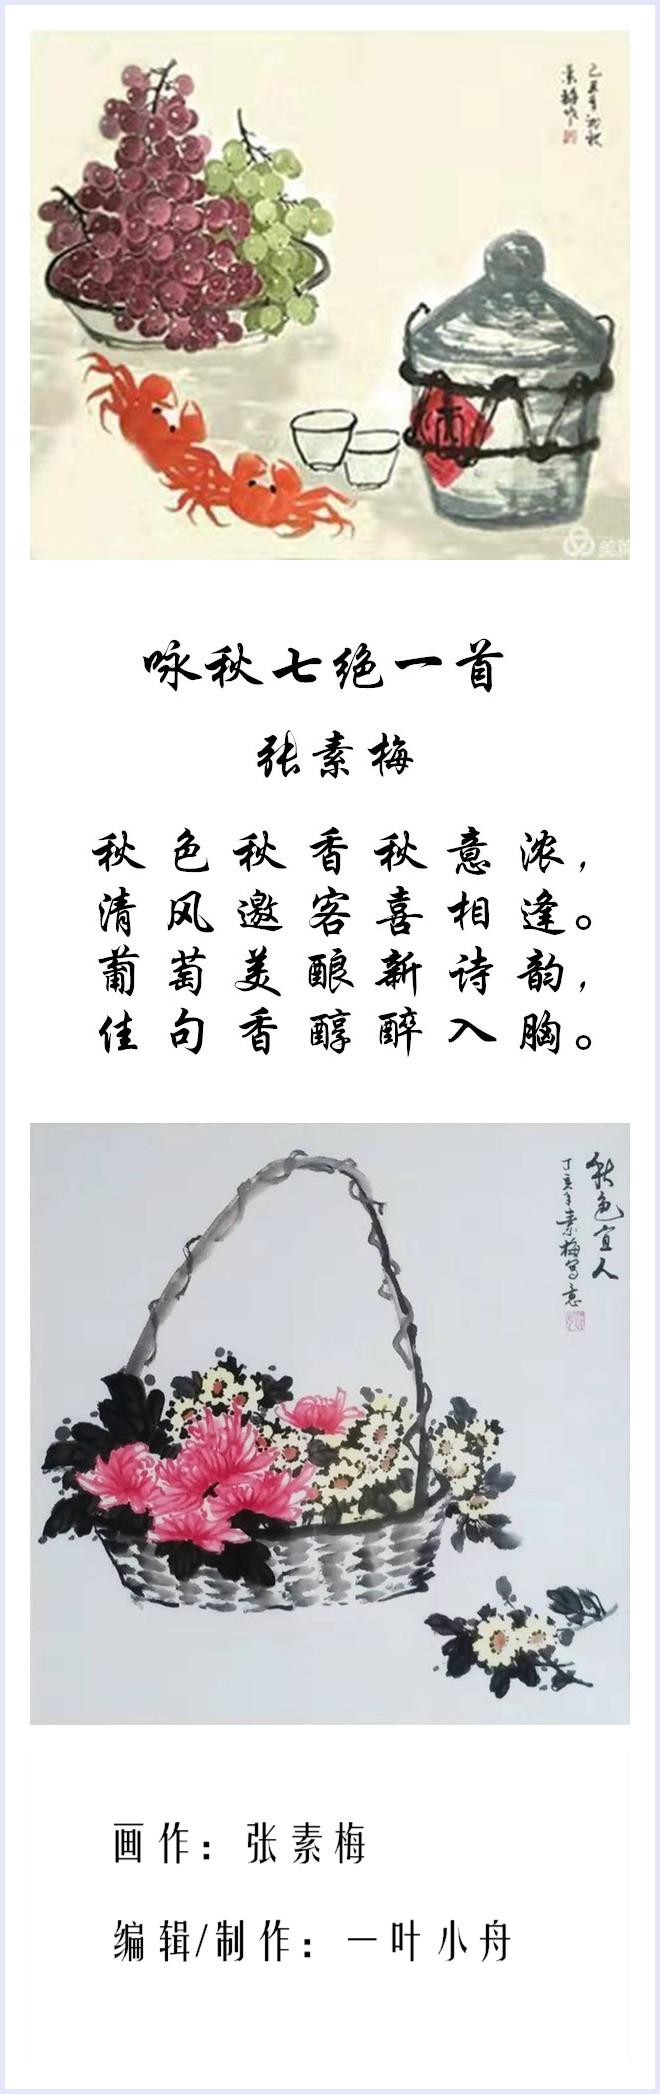 张素梅咏秋诗合成